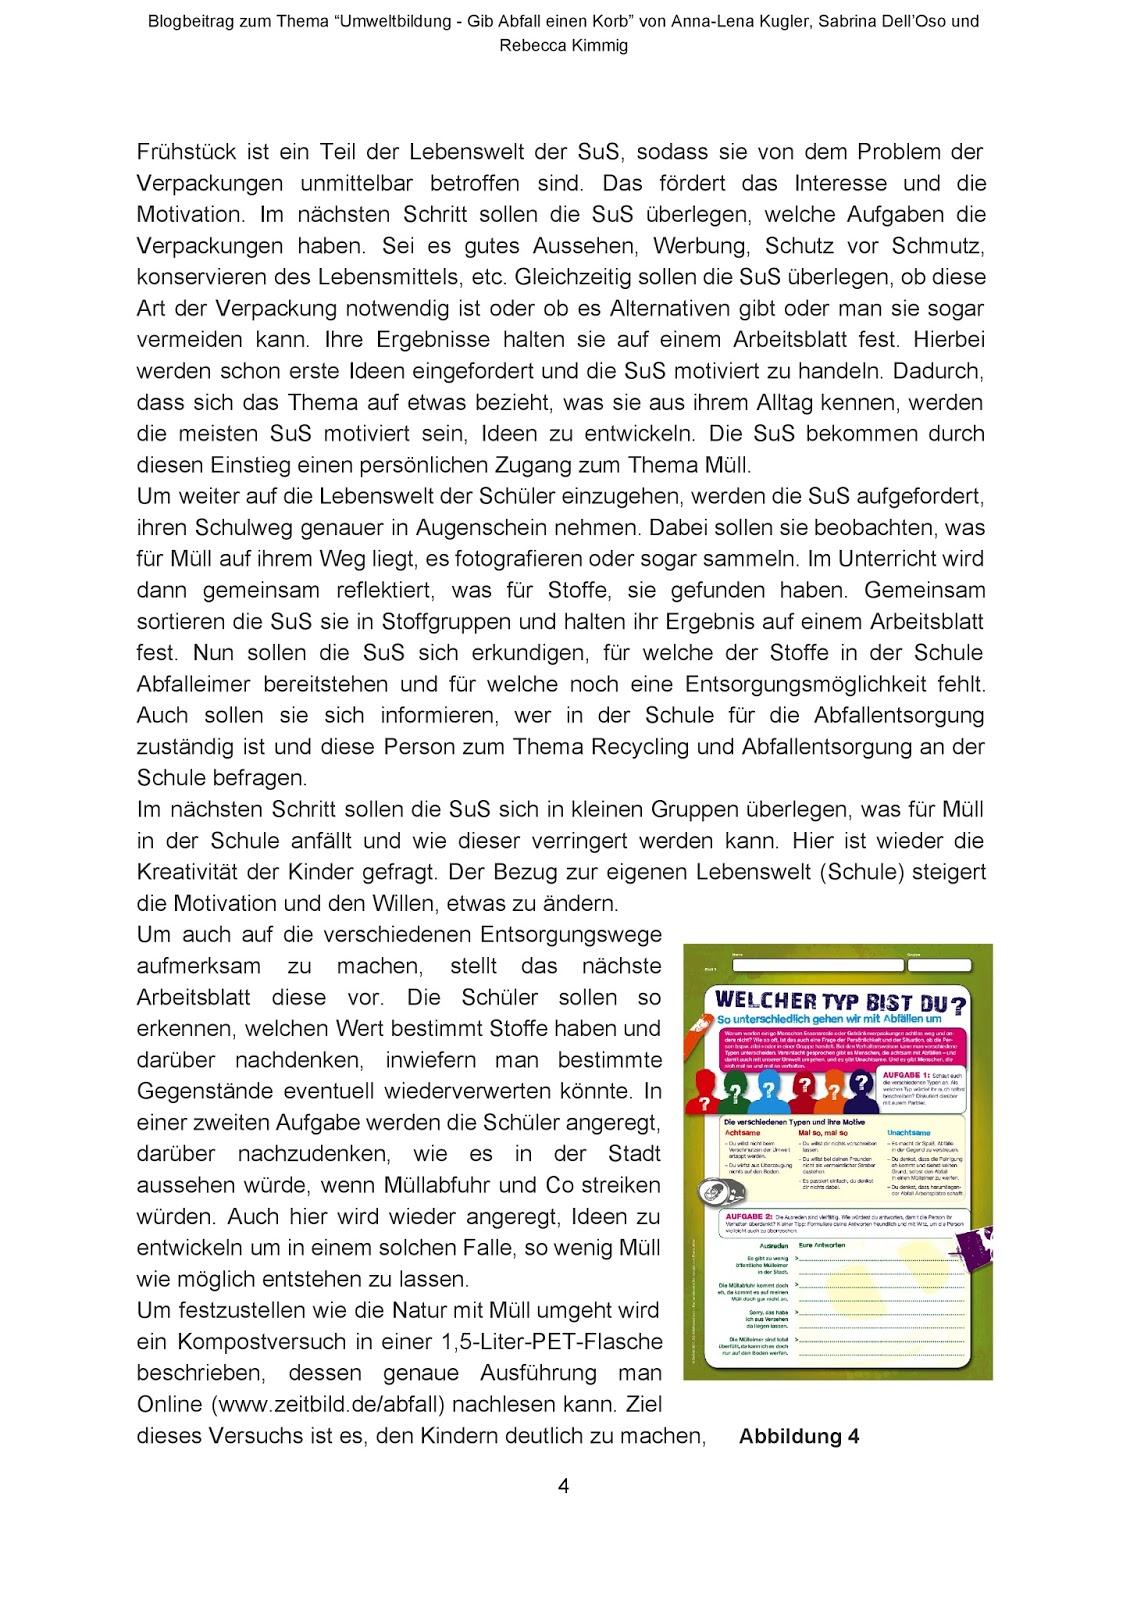 Einführung in die Fachdidaktik: Umweltbildung - Gib Abfall einen Korb